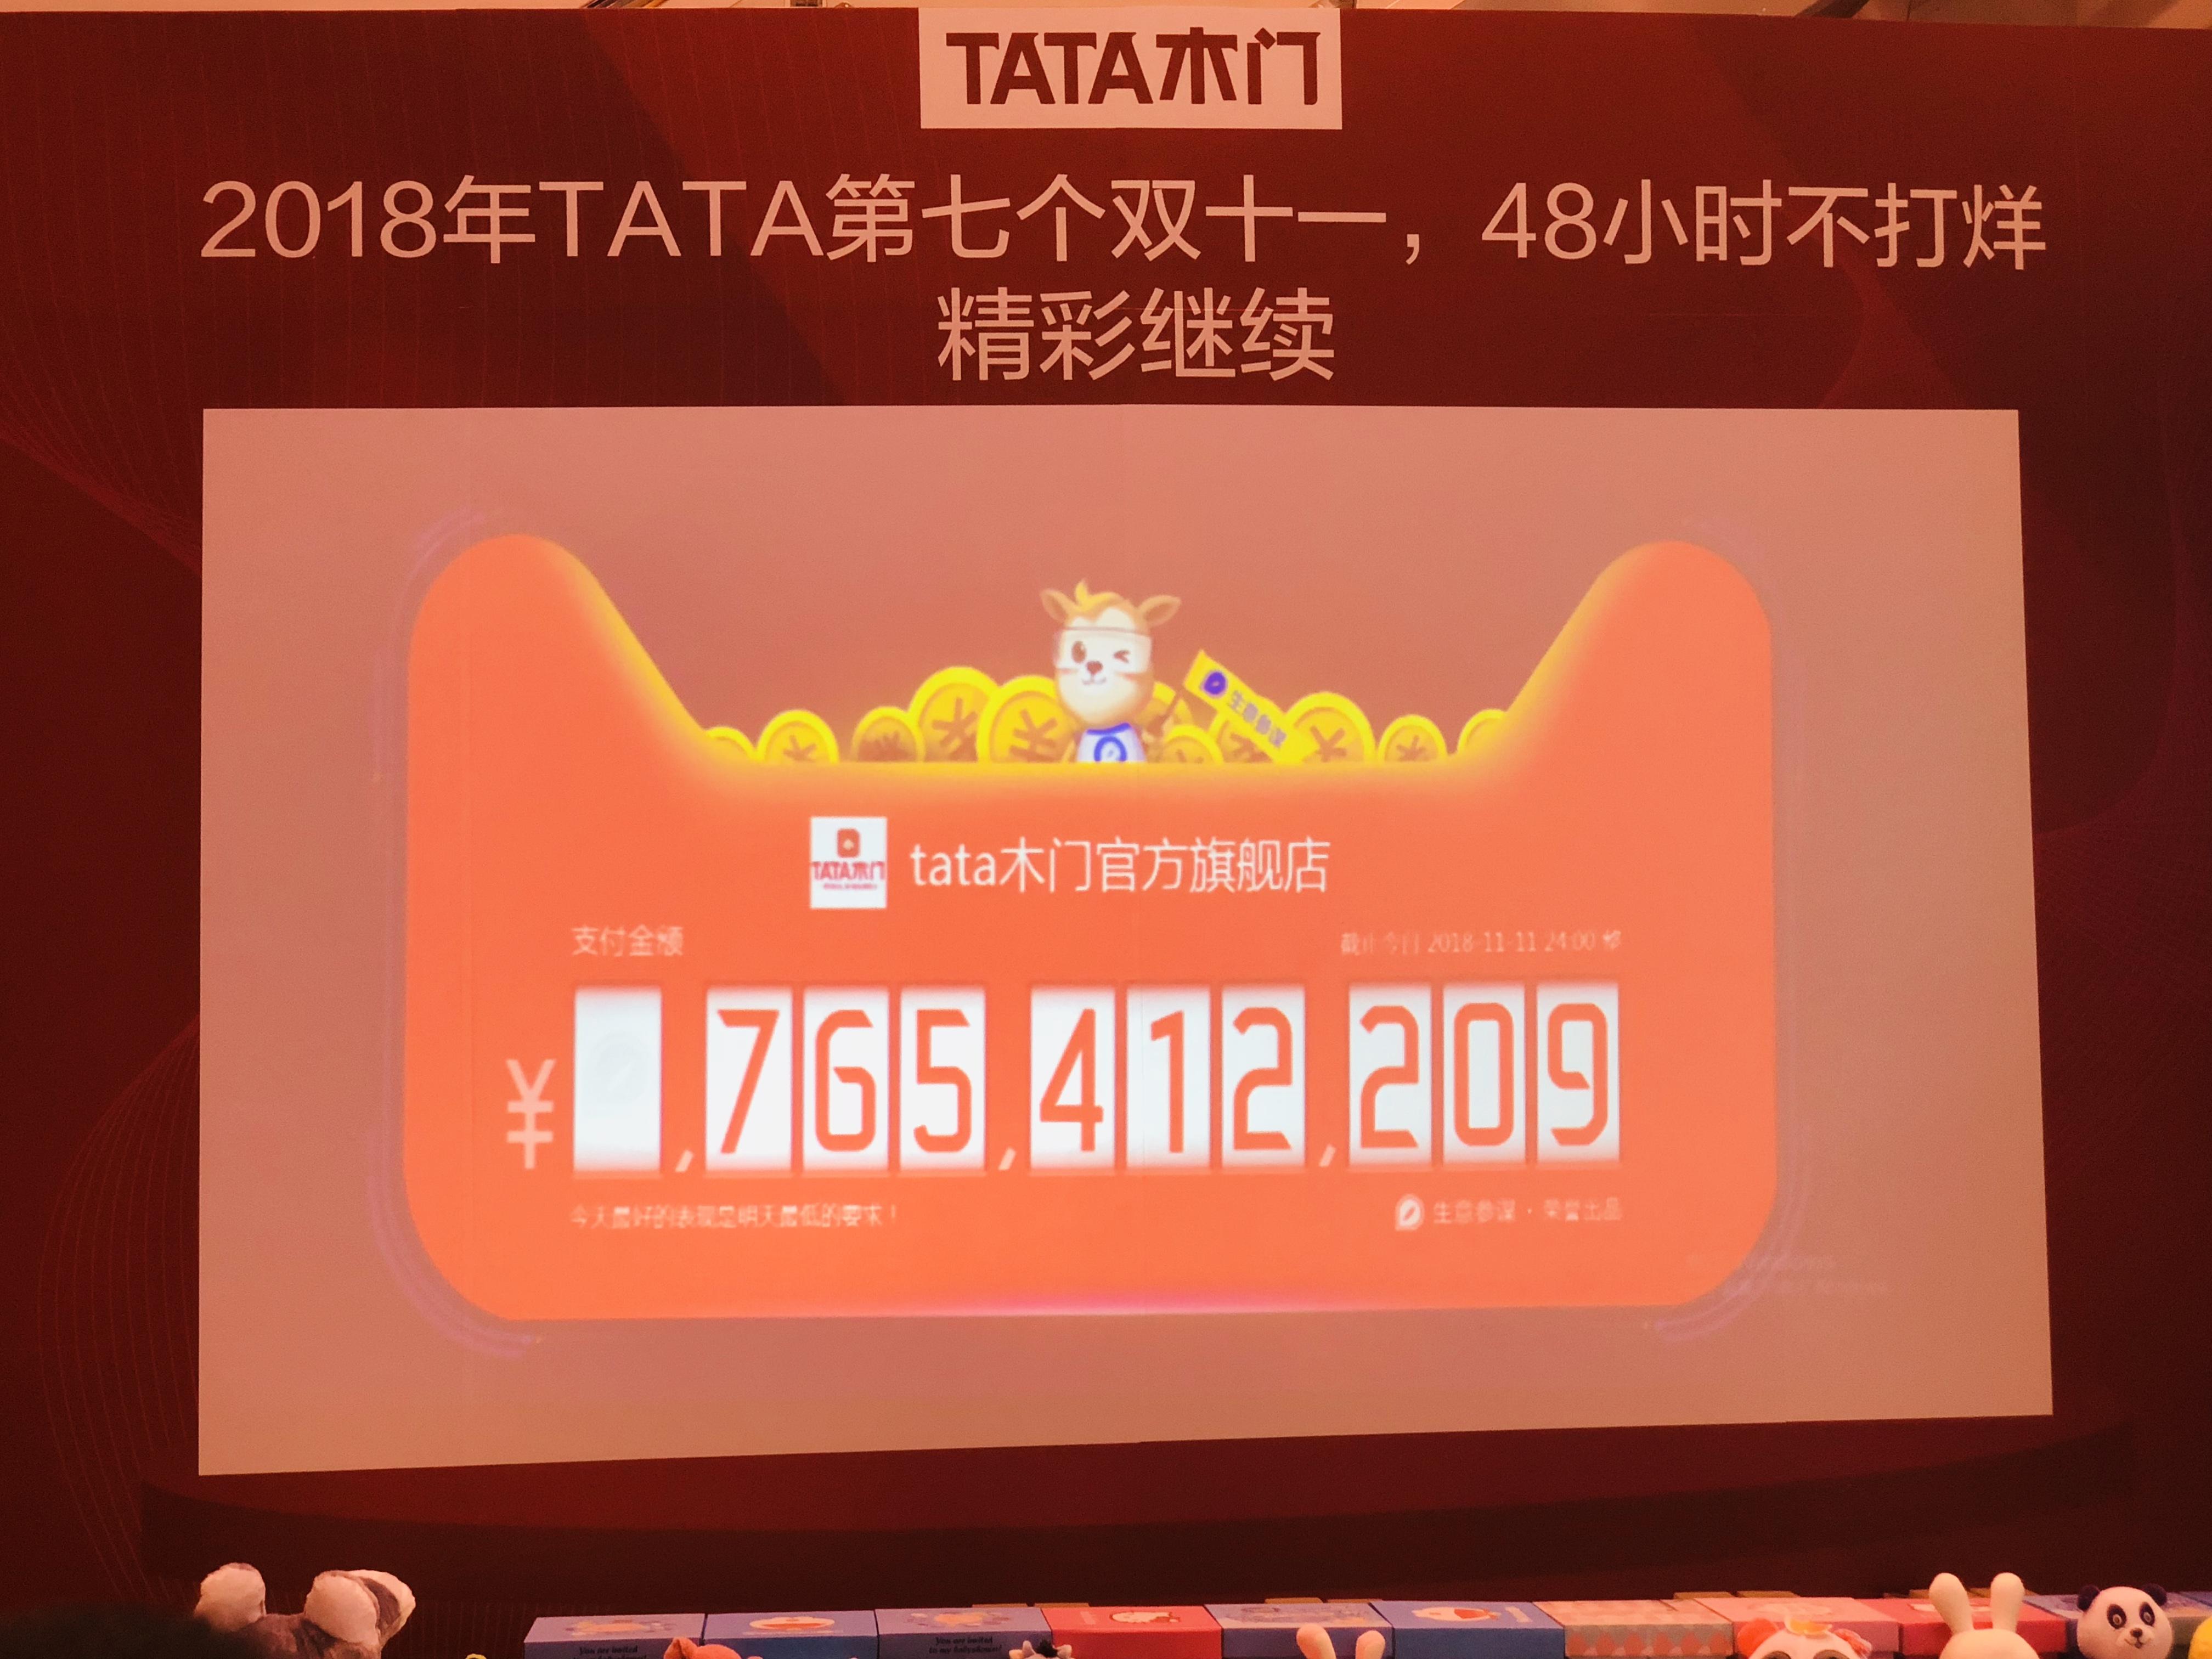 源于探索和坚守,TATA木门双11战绩7.65亿元再创记录